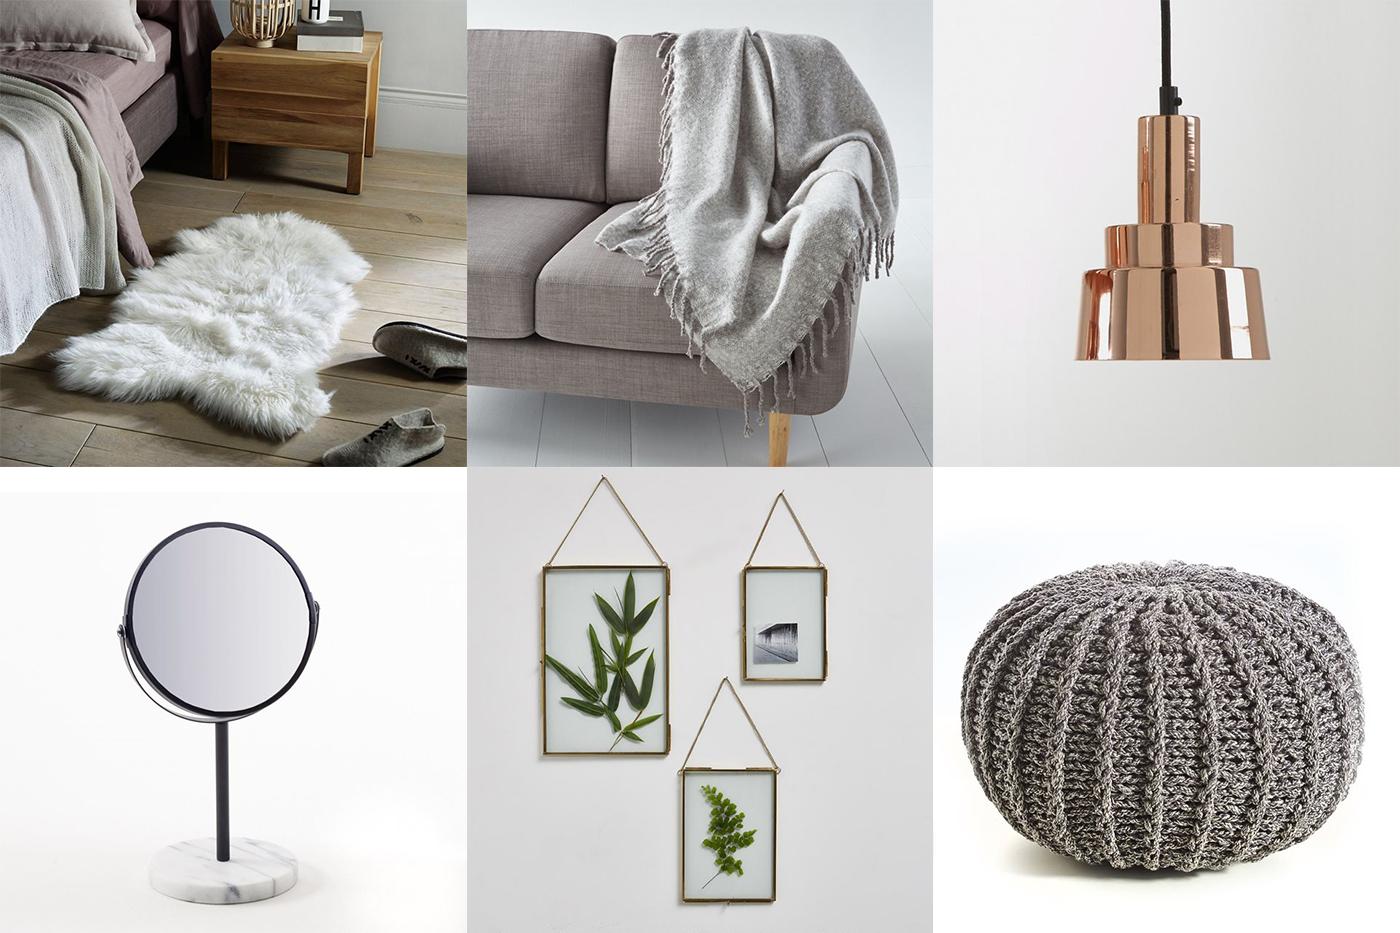 soldes mes coups de coeur d co estelle segura blog mode influenceuse mode et beaut. Black Bedroom Furniture Sets. Home Design Ideas